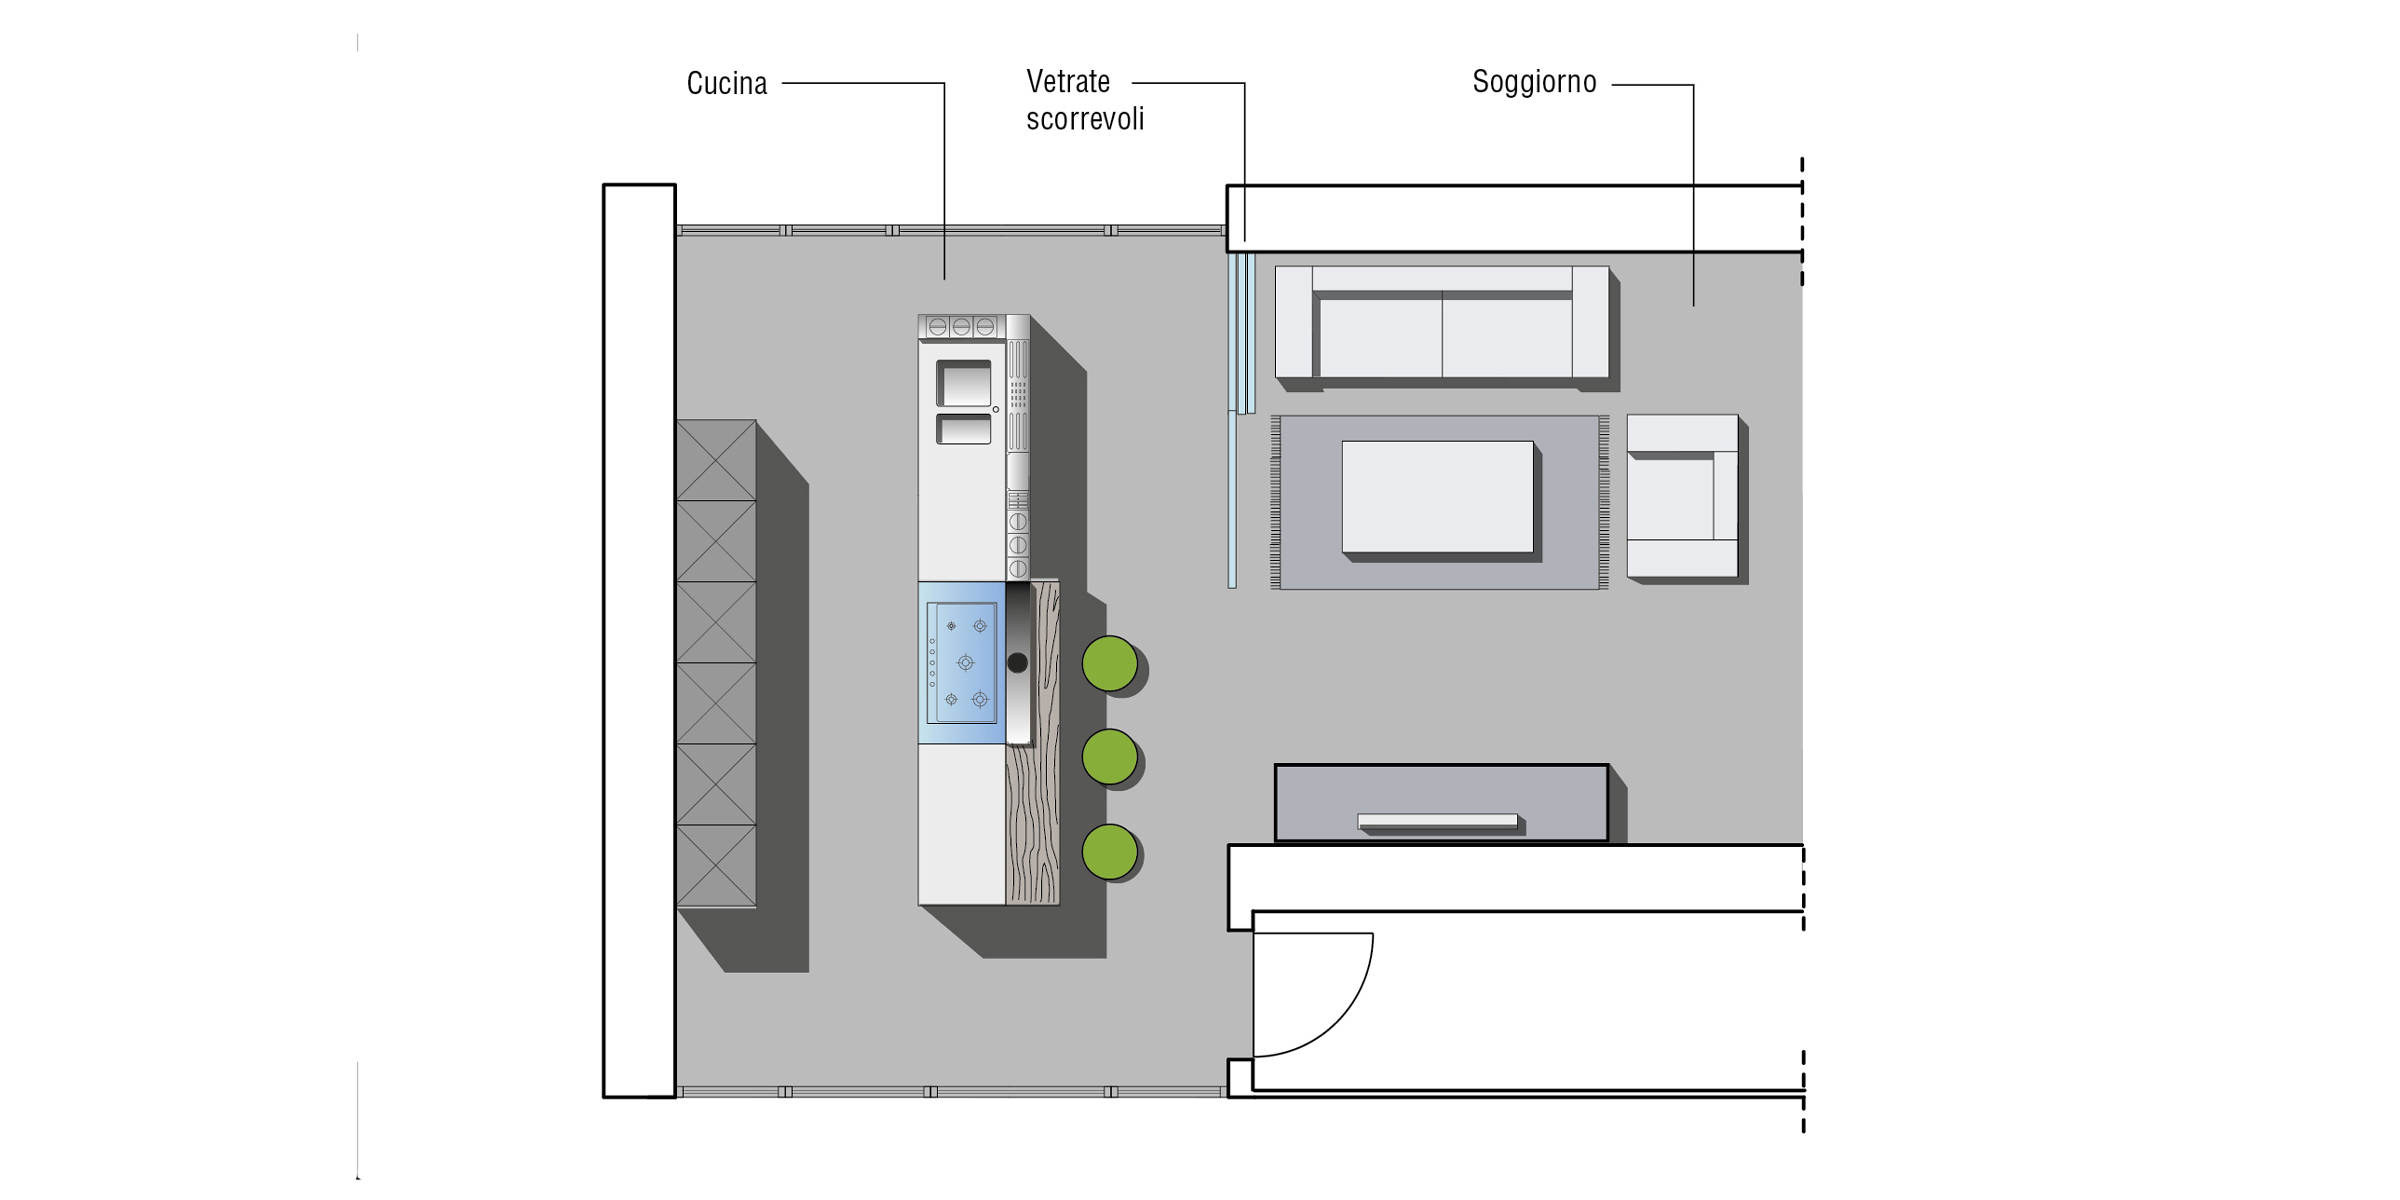 Cucina Con Vetrata Scorrevole sliding glass kitchen walls | planning | valcucine